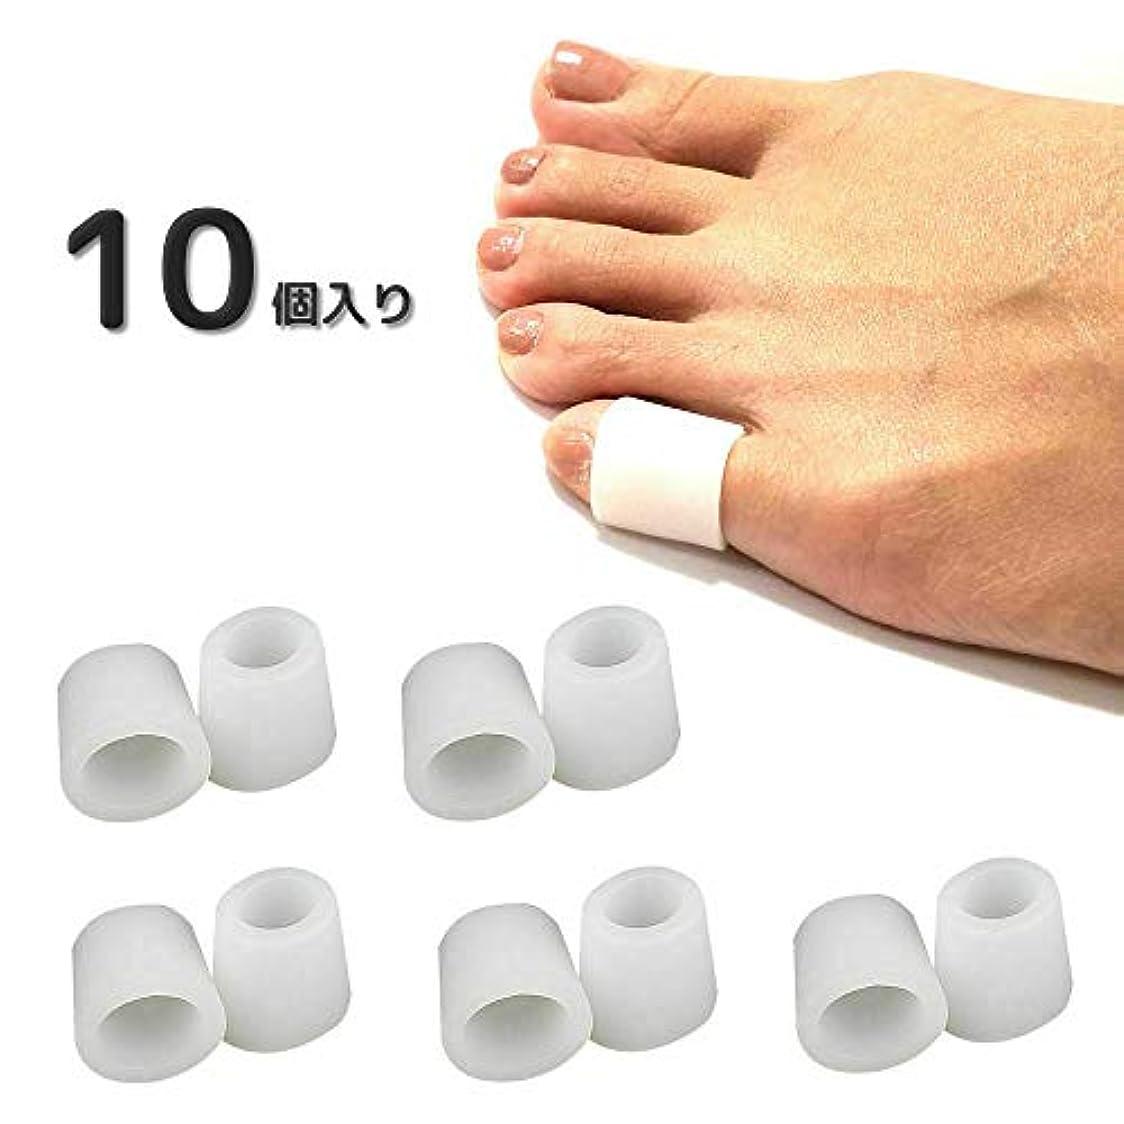 晩ごはん考慮普通のLumiele 指や爪の保護キャップ 足爪 足指 柔らかシリコン サポーター 小指 指サック 5セット 10個入り